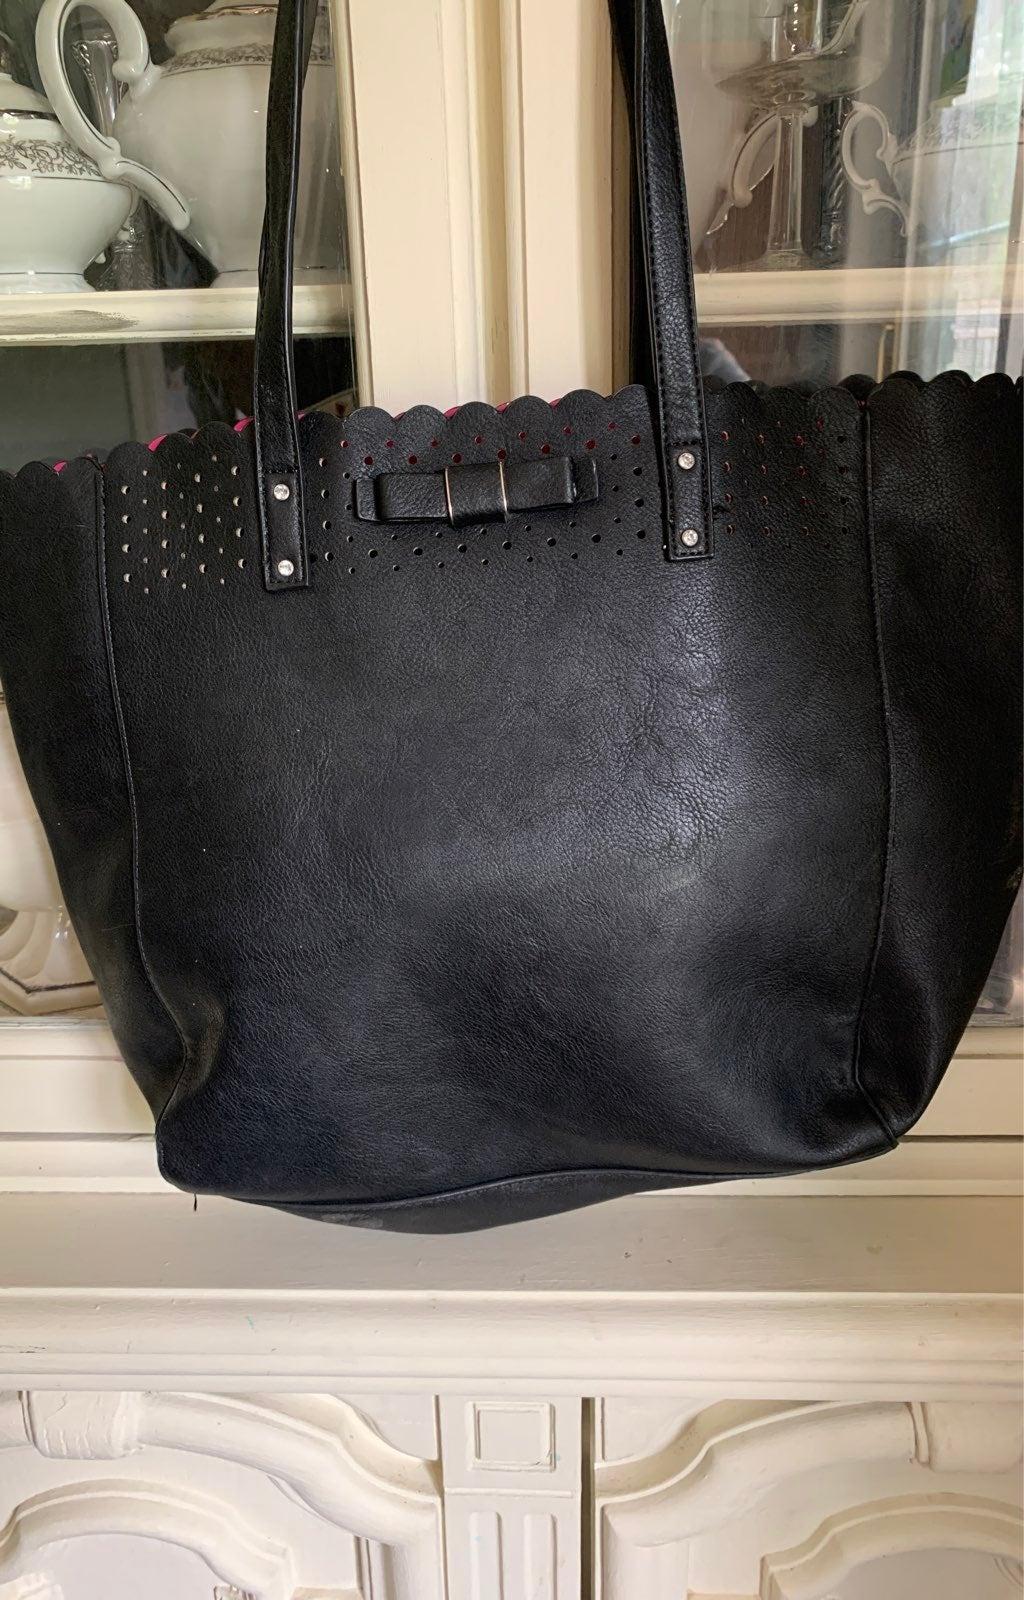 Candie's purse